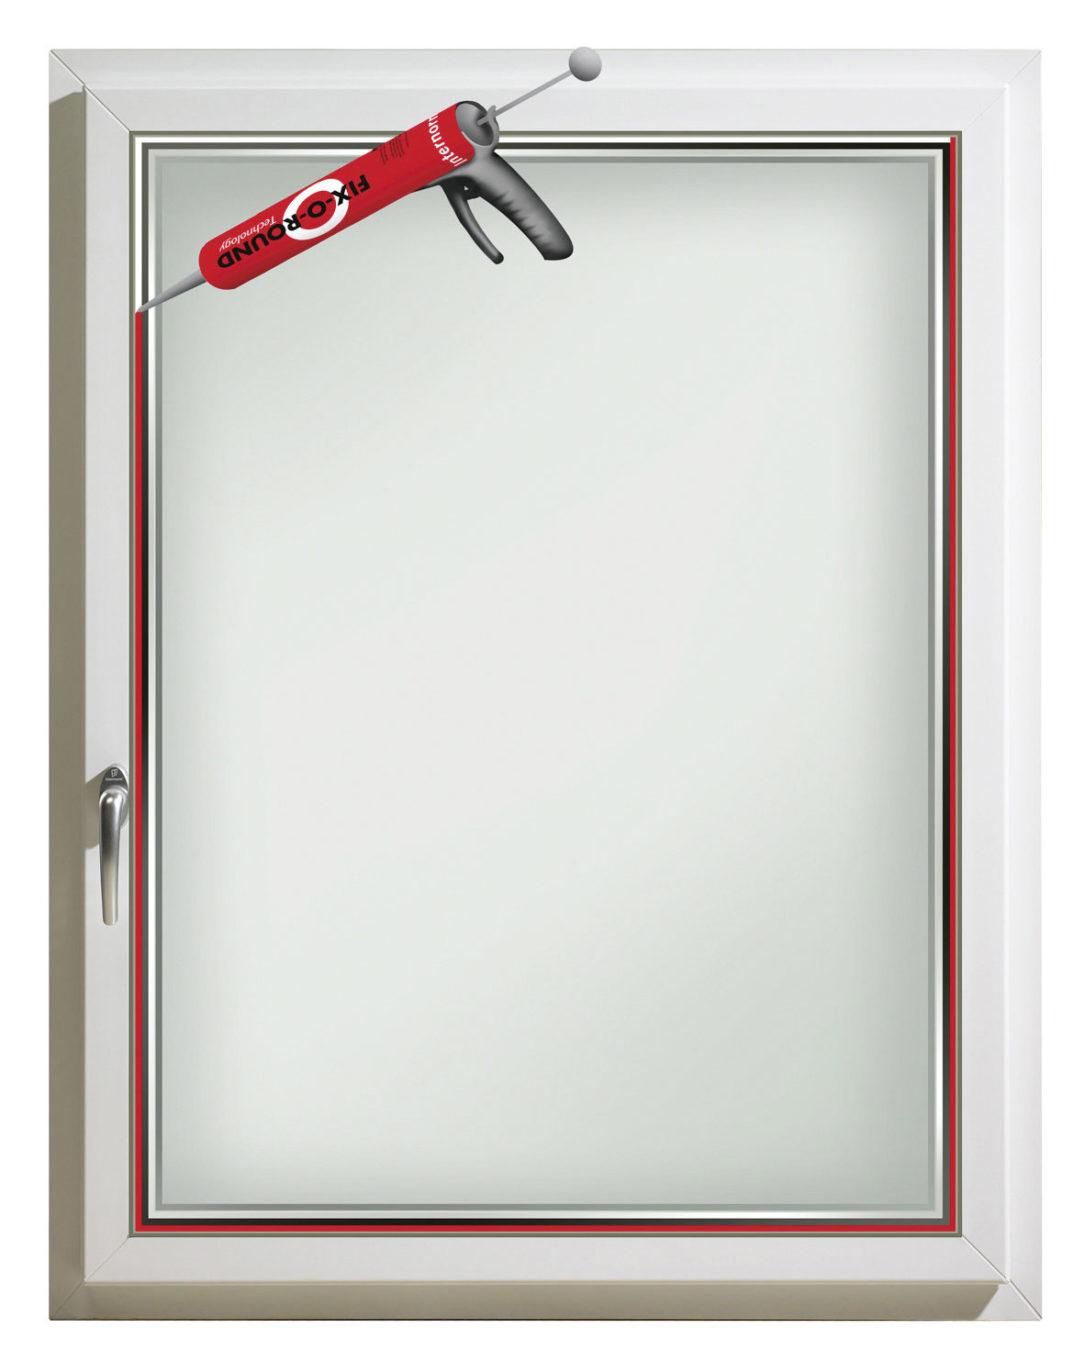 I-tec Zasklenie - neprerušená celoobvodová fixácia okna s rámom